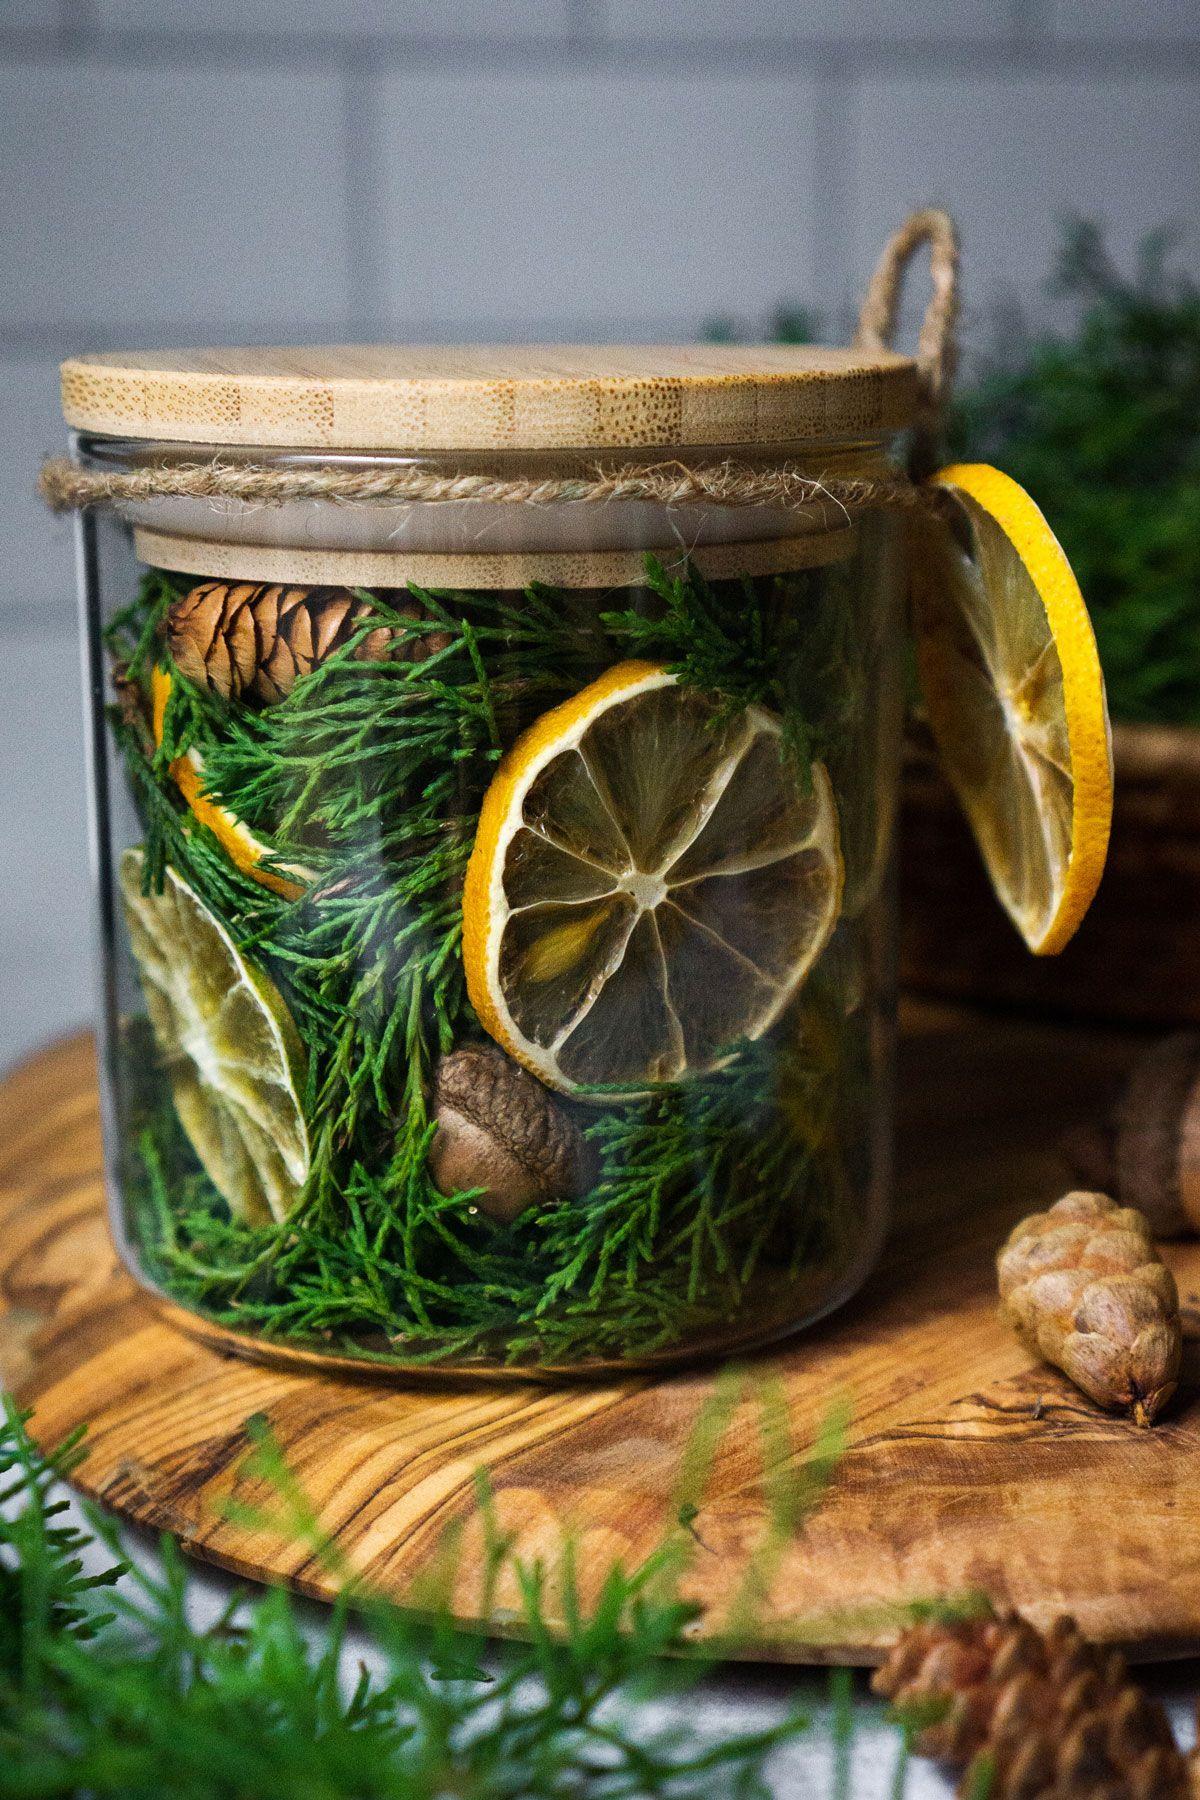 Photo of Woodland Winter Stovetop Potpourri Recipe | Herbal Academy | This Woodland Winter Stovetop Potpourri